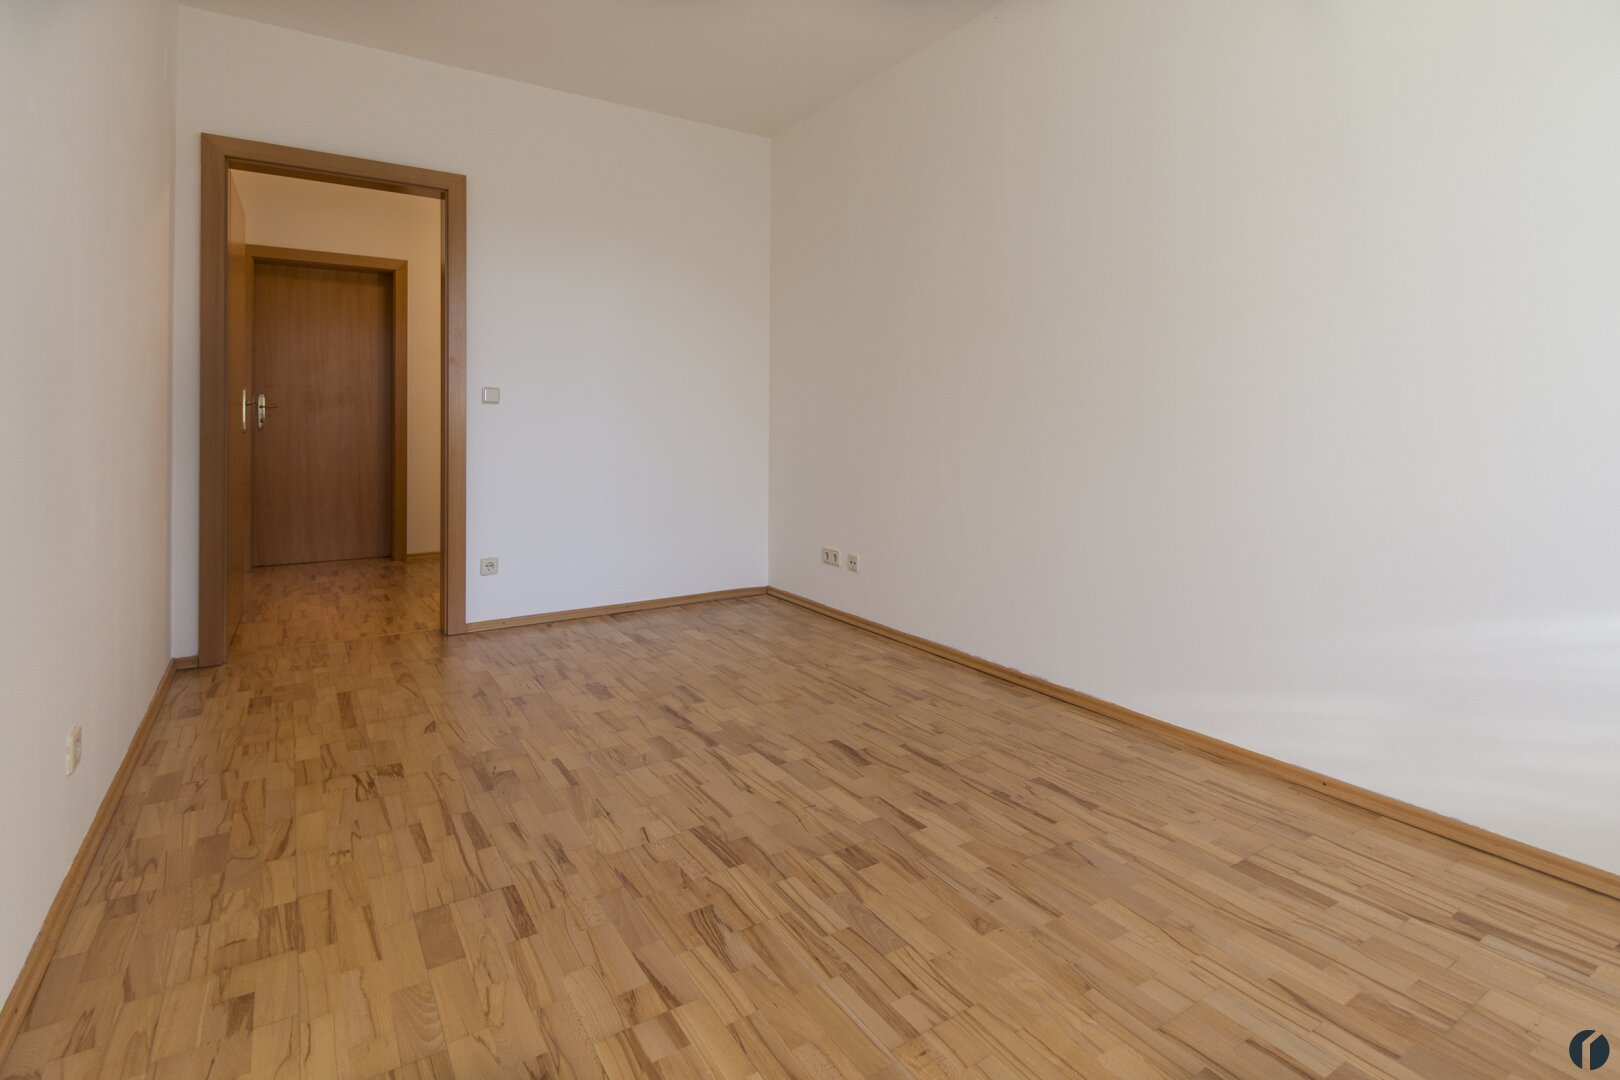 Schafzimmer mit angeschlossenem Schrankraum